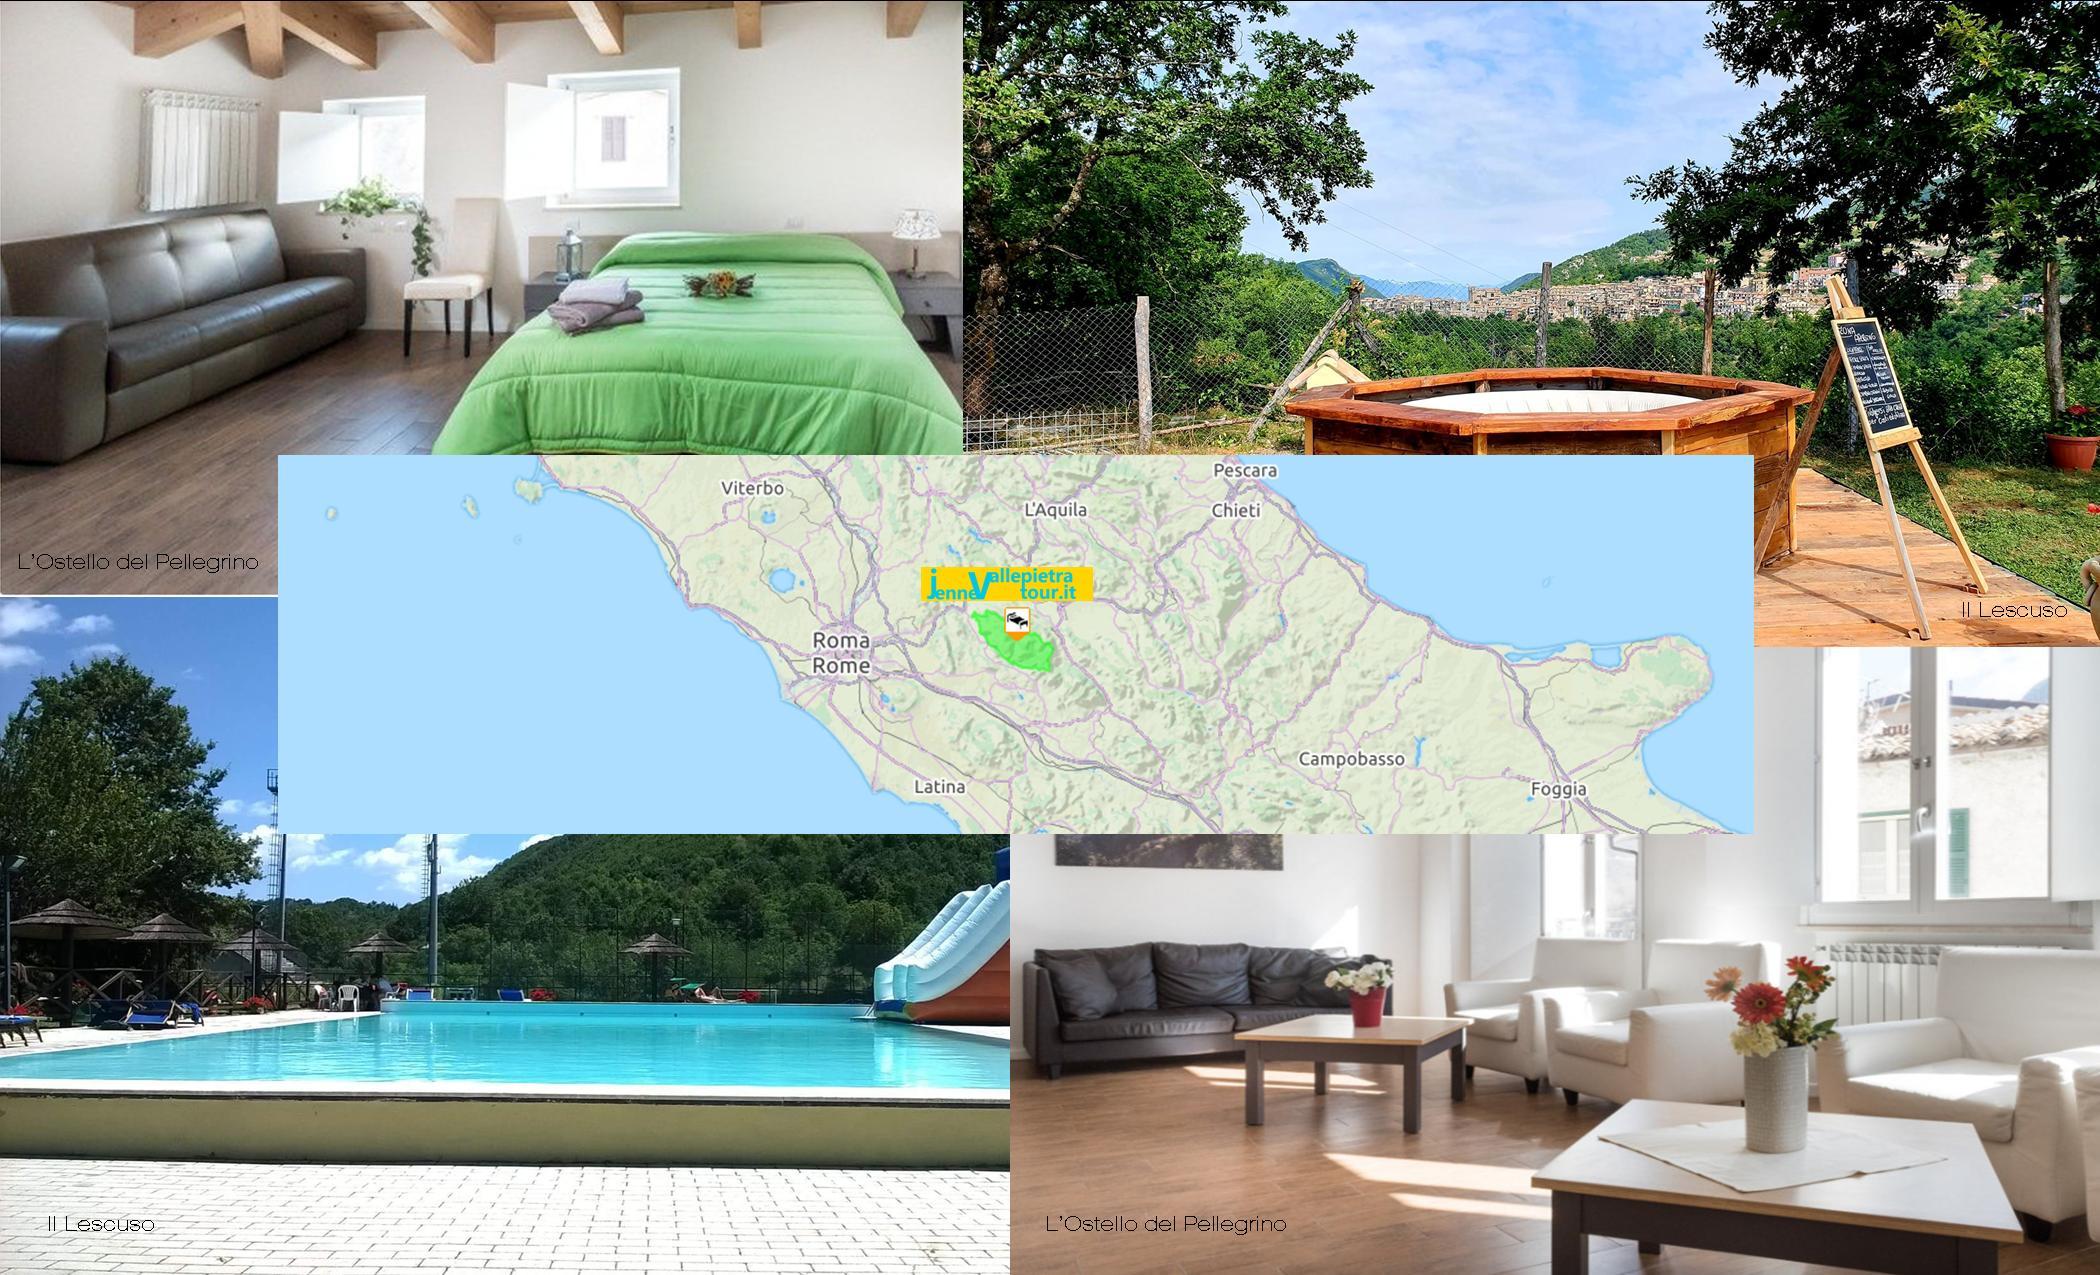 Al via jennevallepietratour, il nuovo progetto di interesse turistico ricettivo in alta valle Aniene